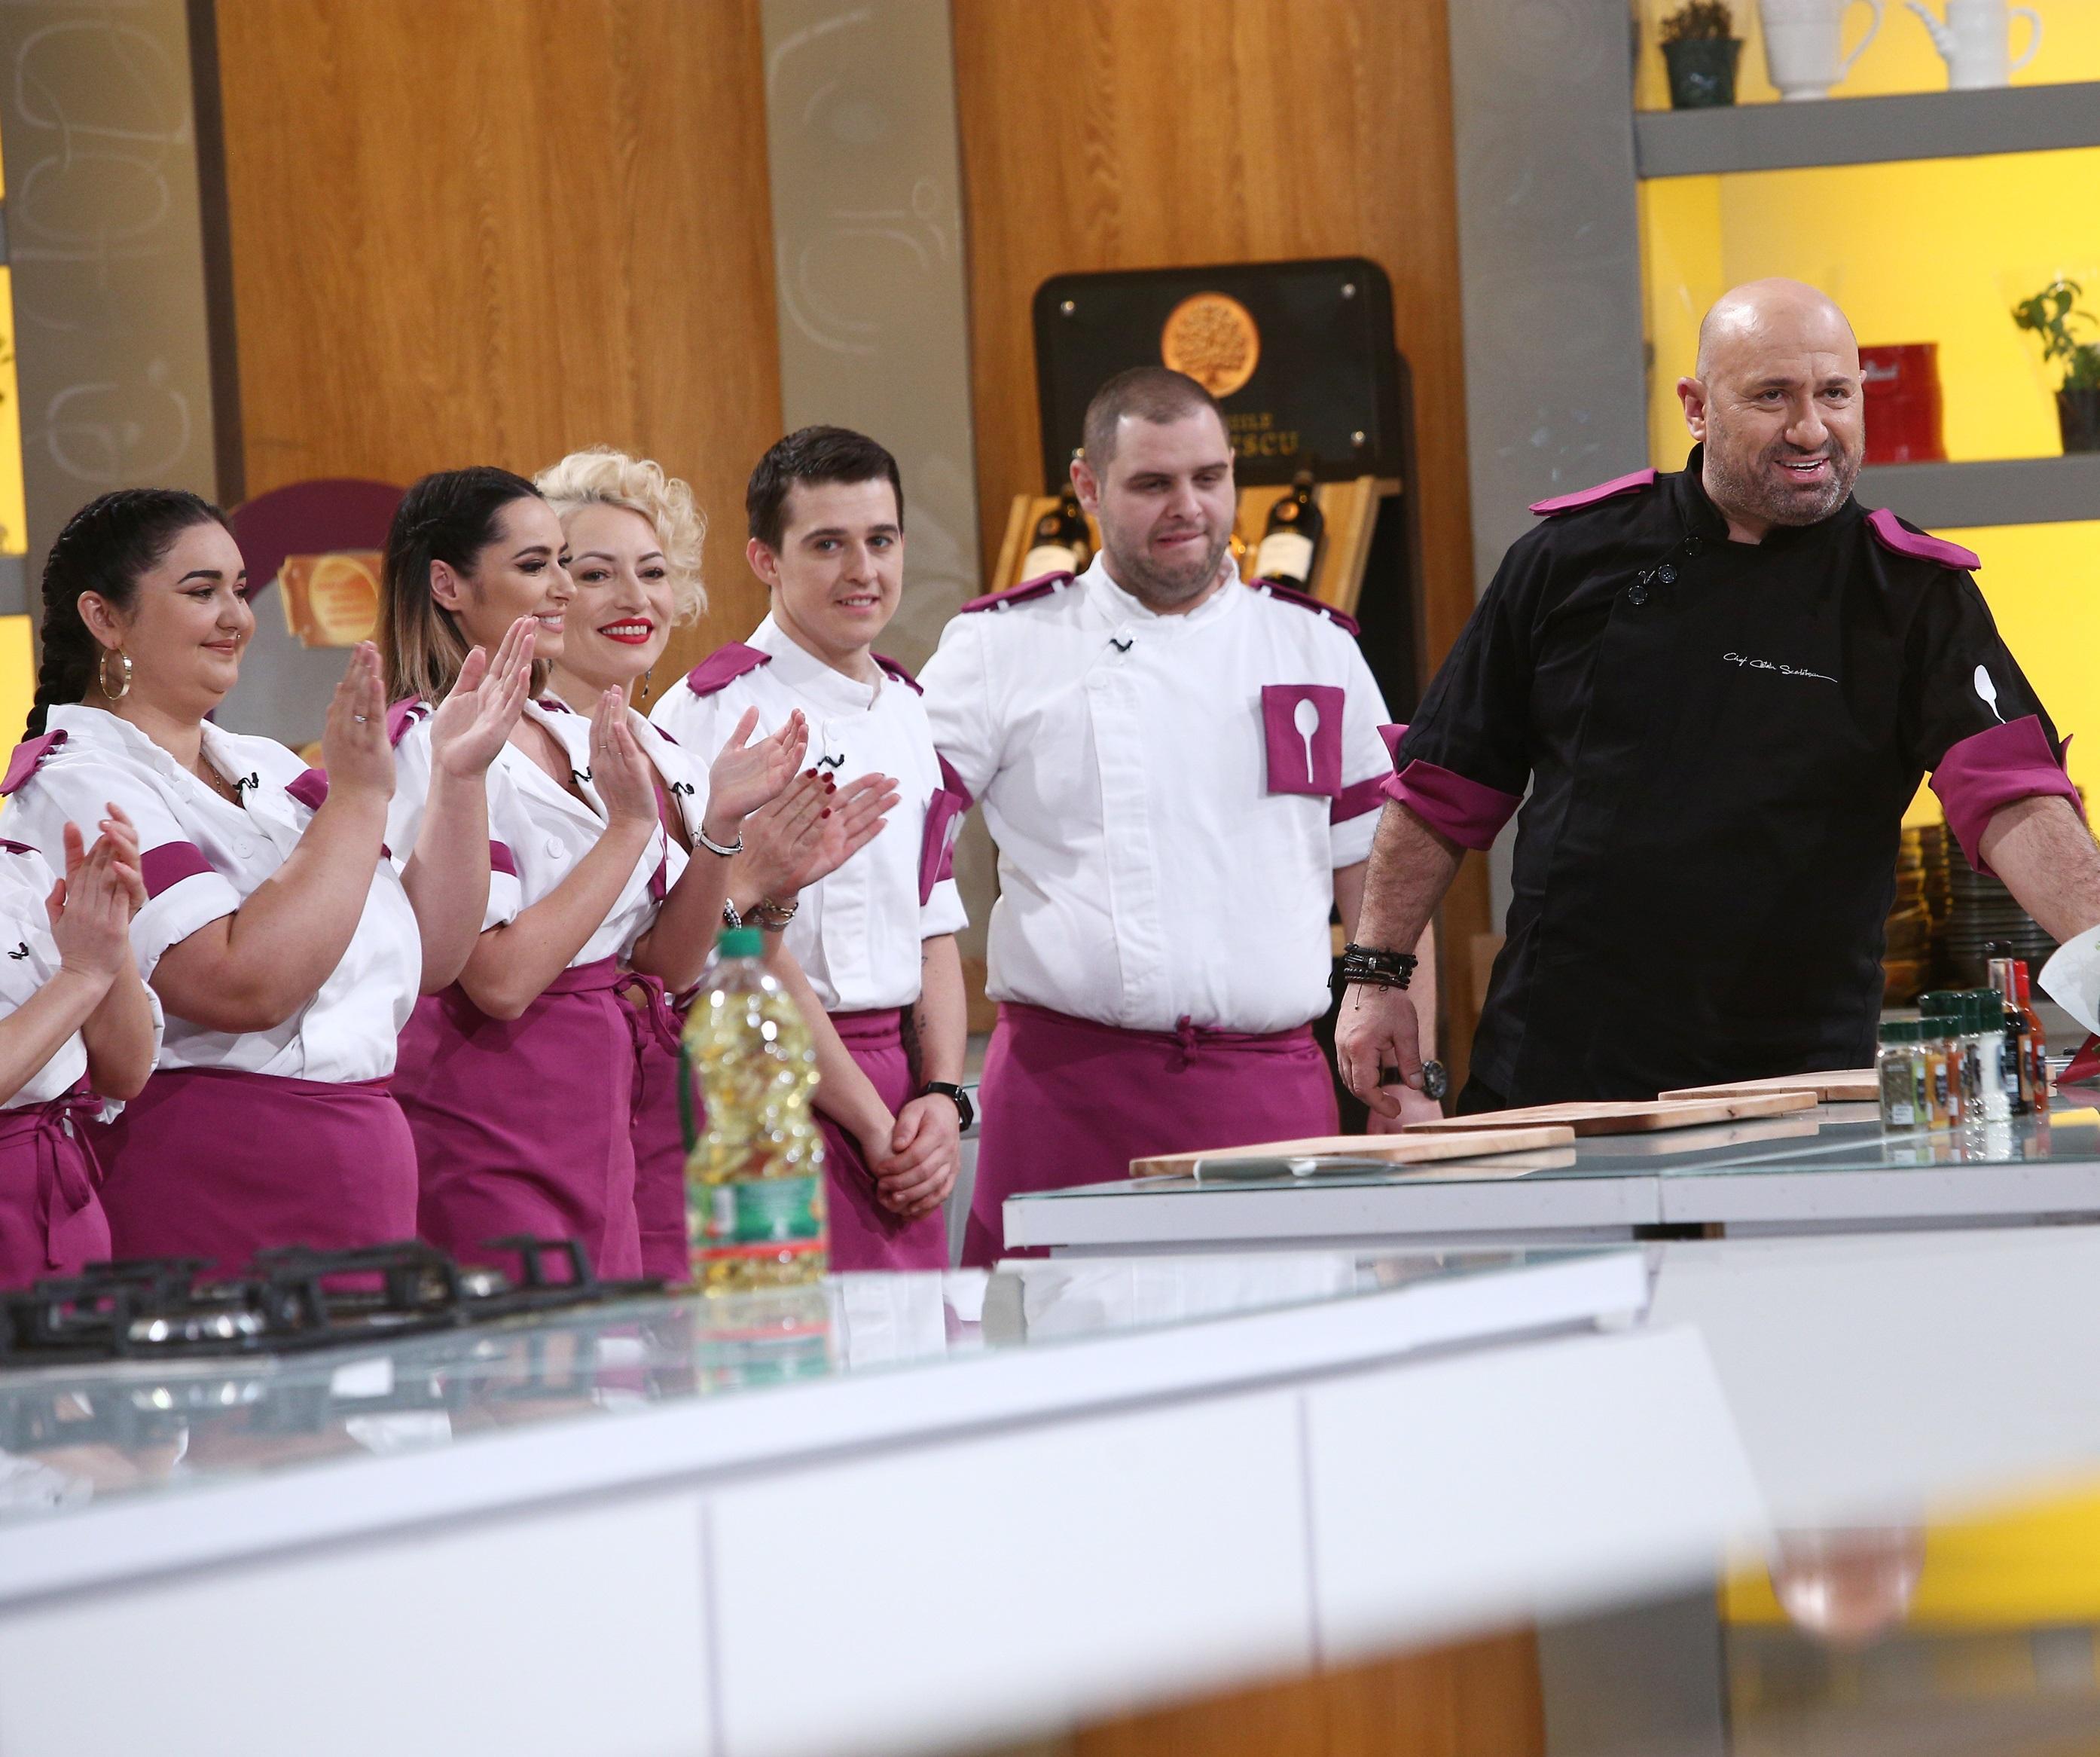 Chefi la cuțite, 30 mai 2021. Proba de gătit ce i-a încurcat pe concurenți. Ce a anunțat Irina Fodor